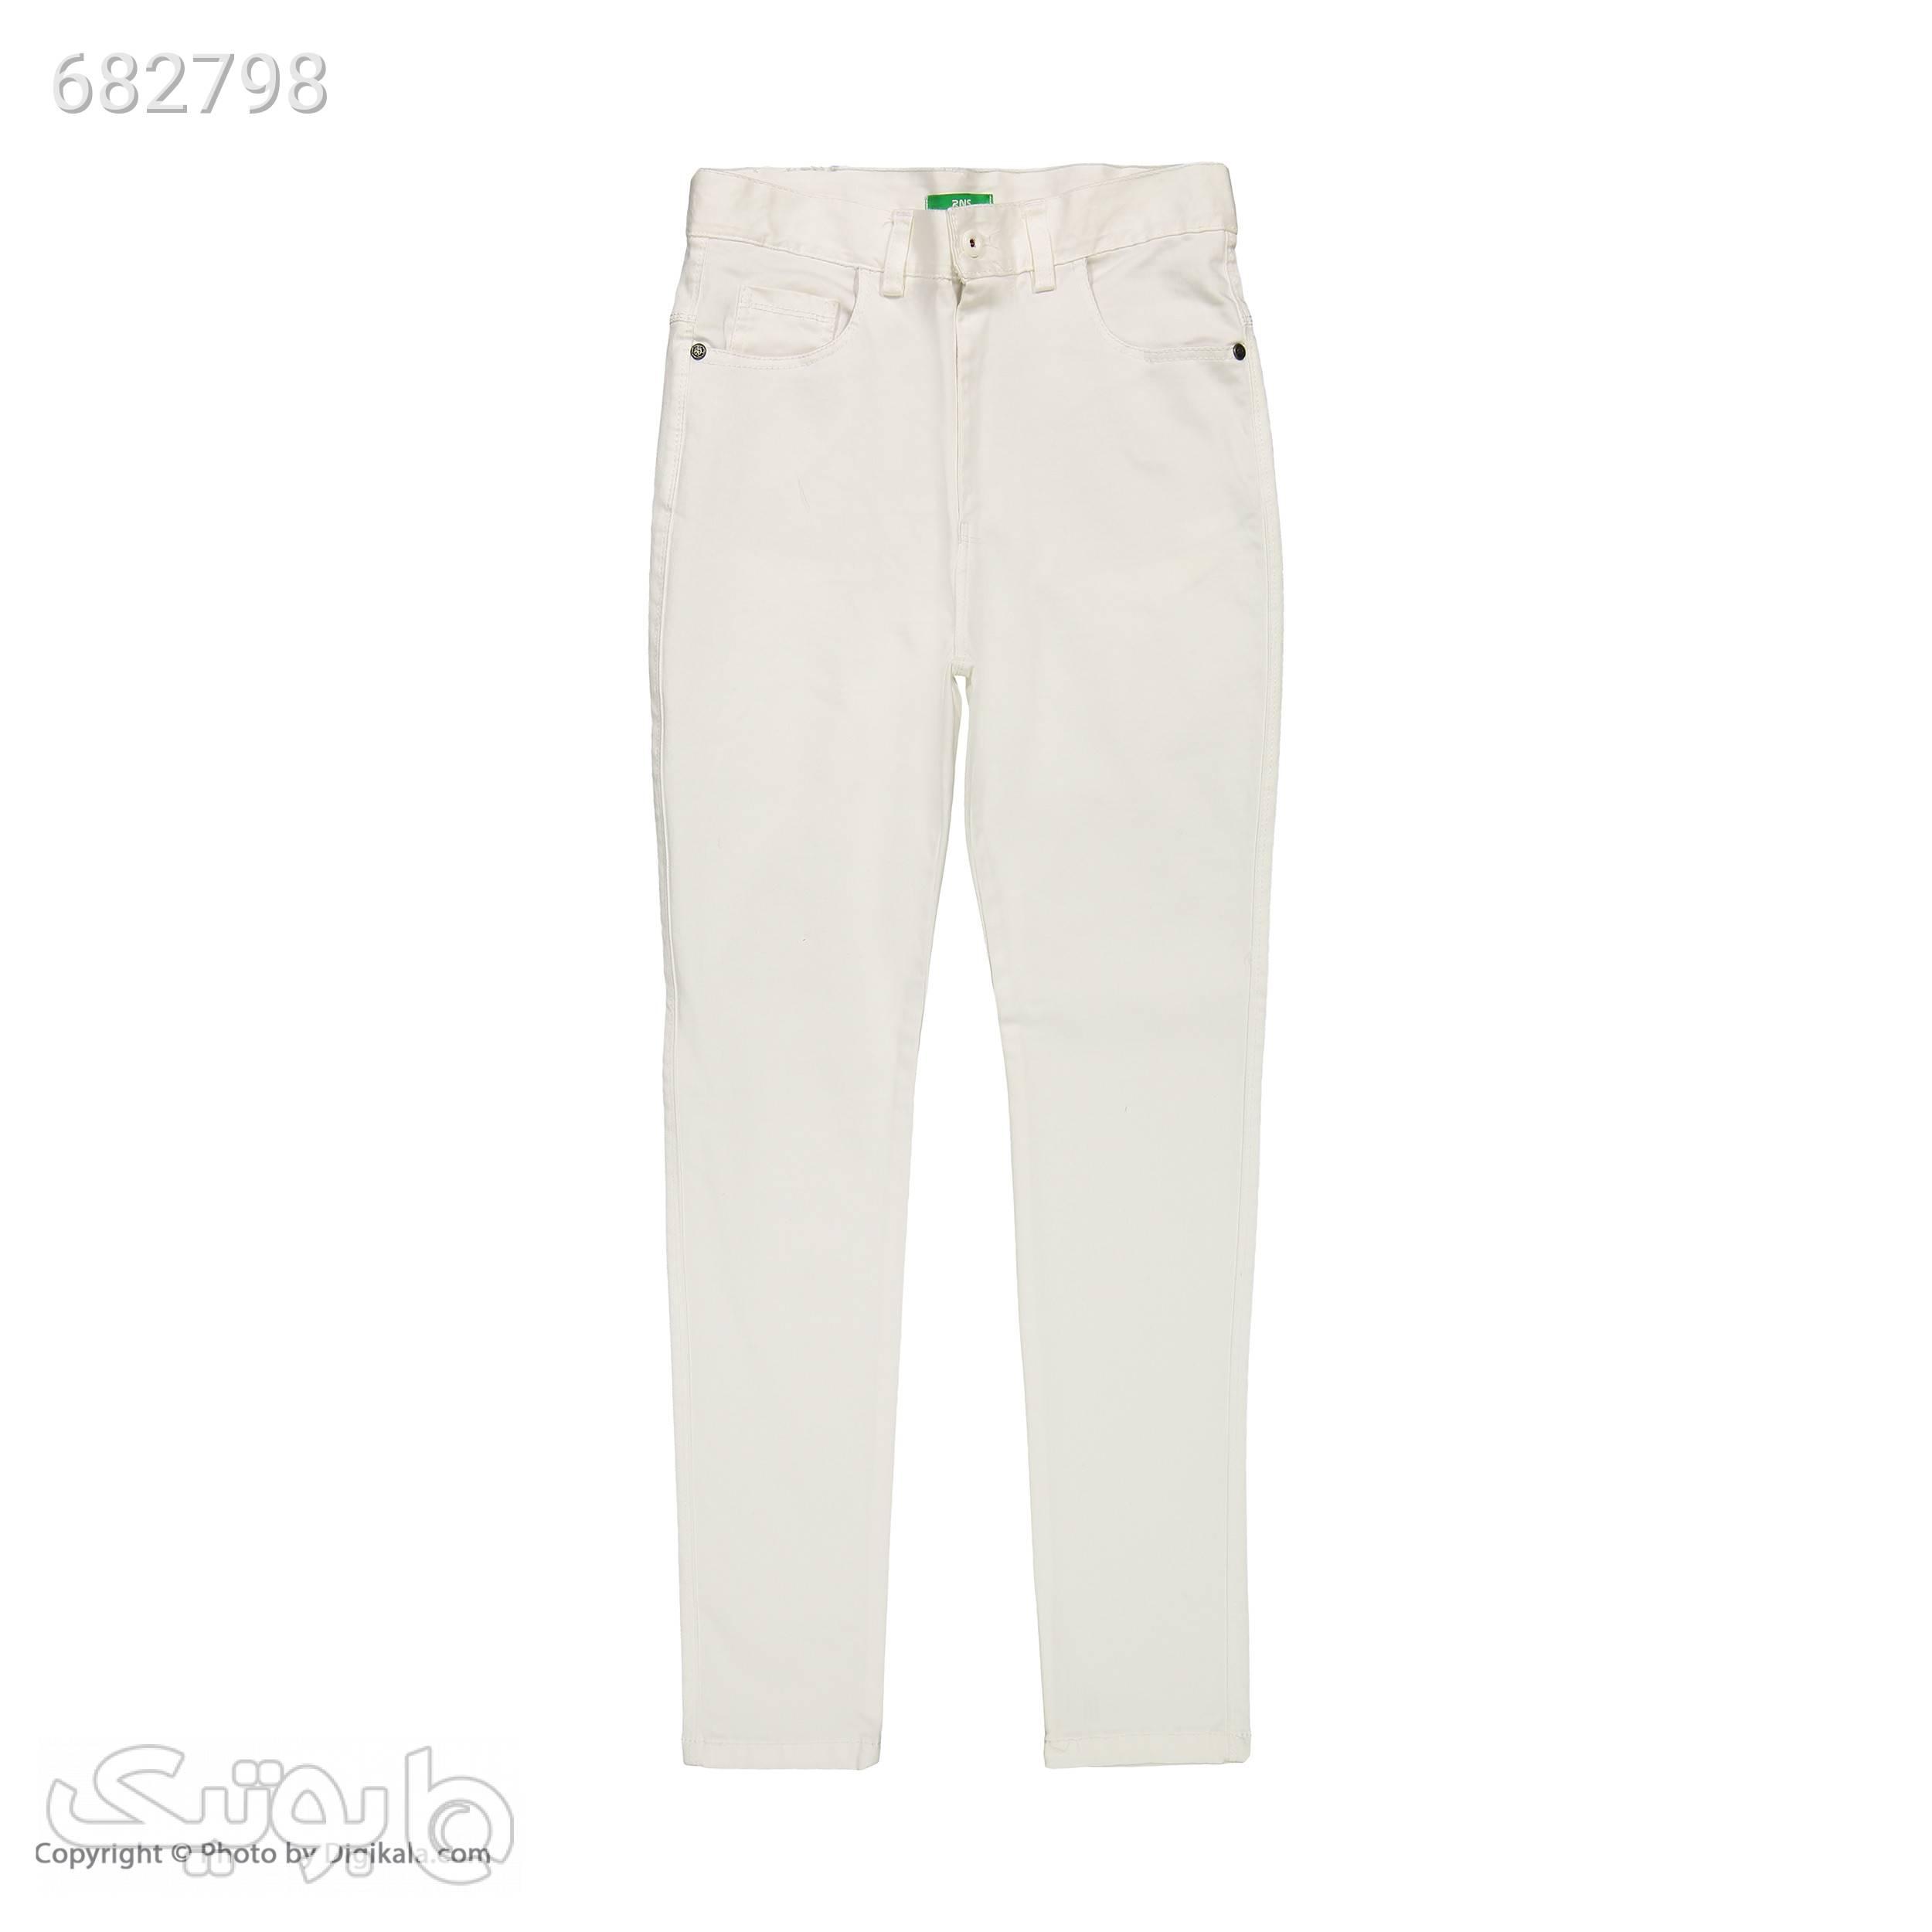 شلوار زنانه آر اِن اِس مدل 10411205 سفید شلوار پارچه ای و کتانی زنانه